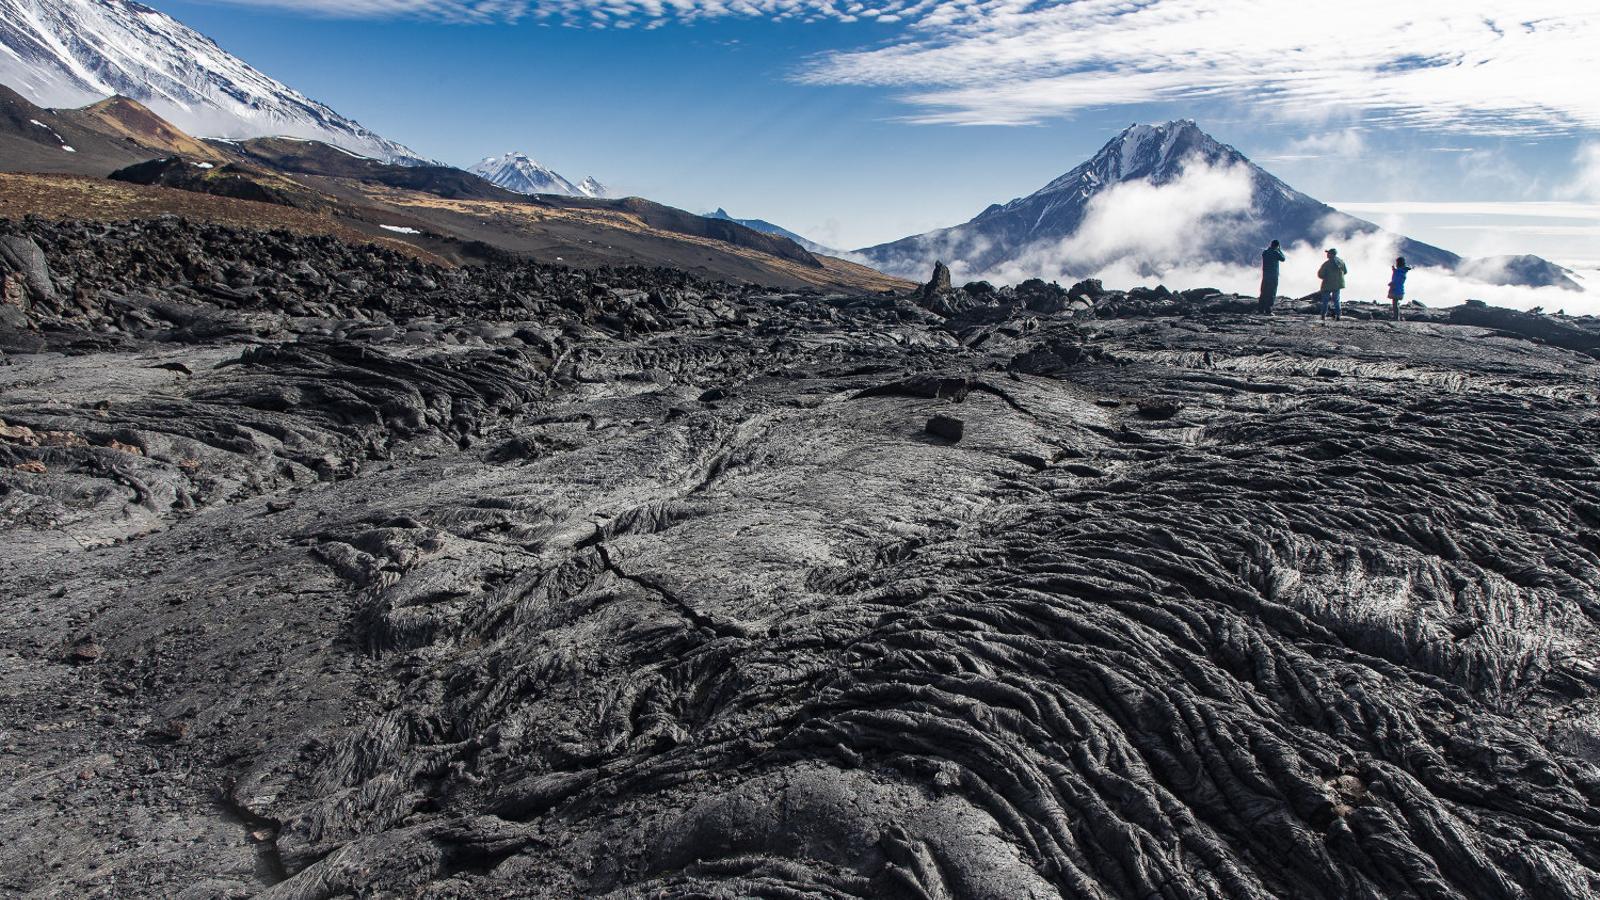 Colada de lava a peus del volcà Ostri Tolbàtxik (3.682 m) i el volcà Ziminà de fons